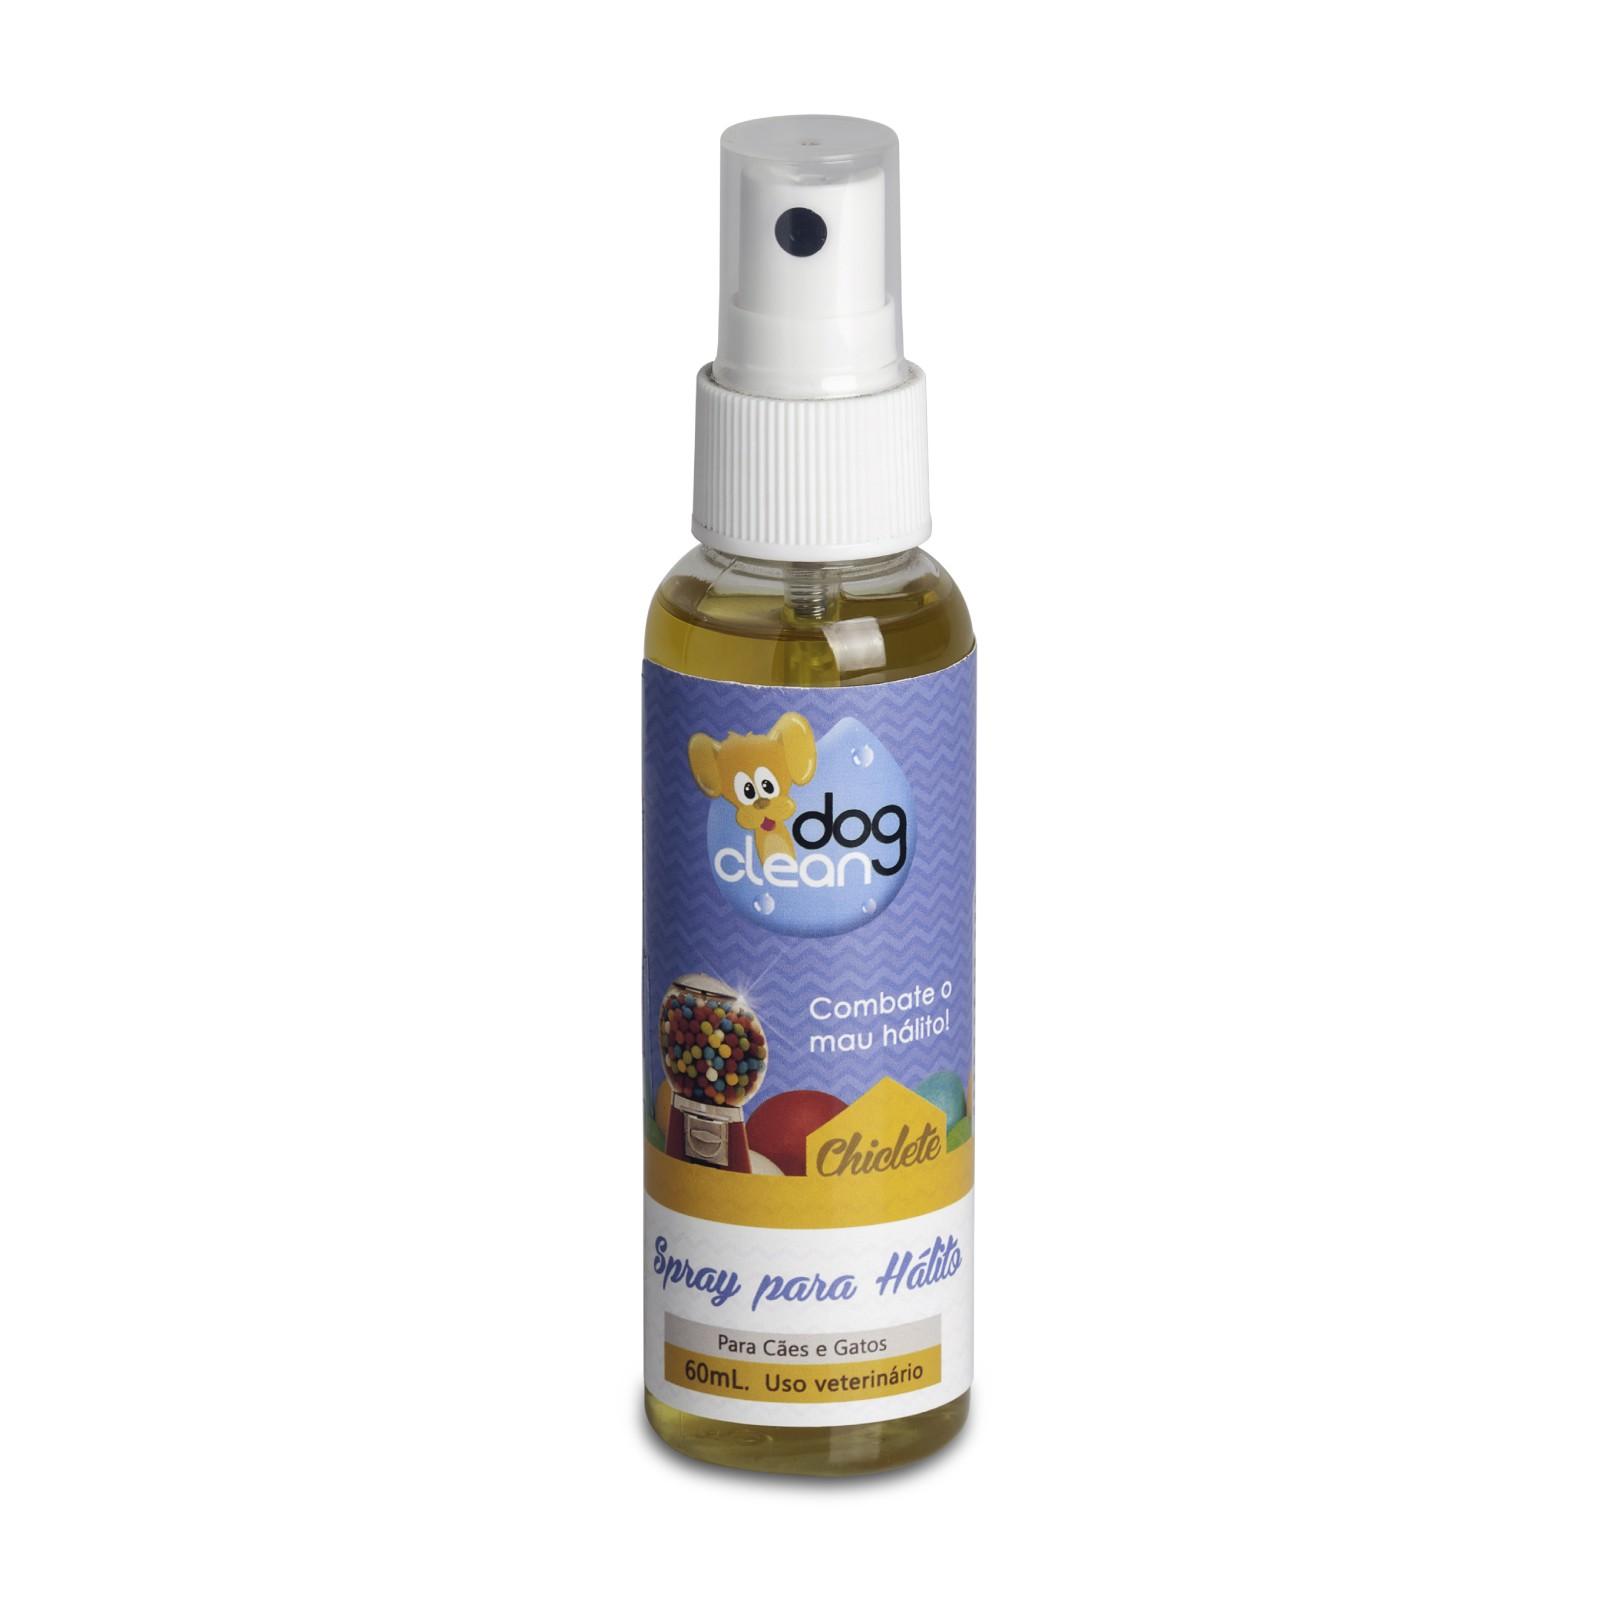 Spray para Hálito Chiclete 60ml Dog Clean